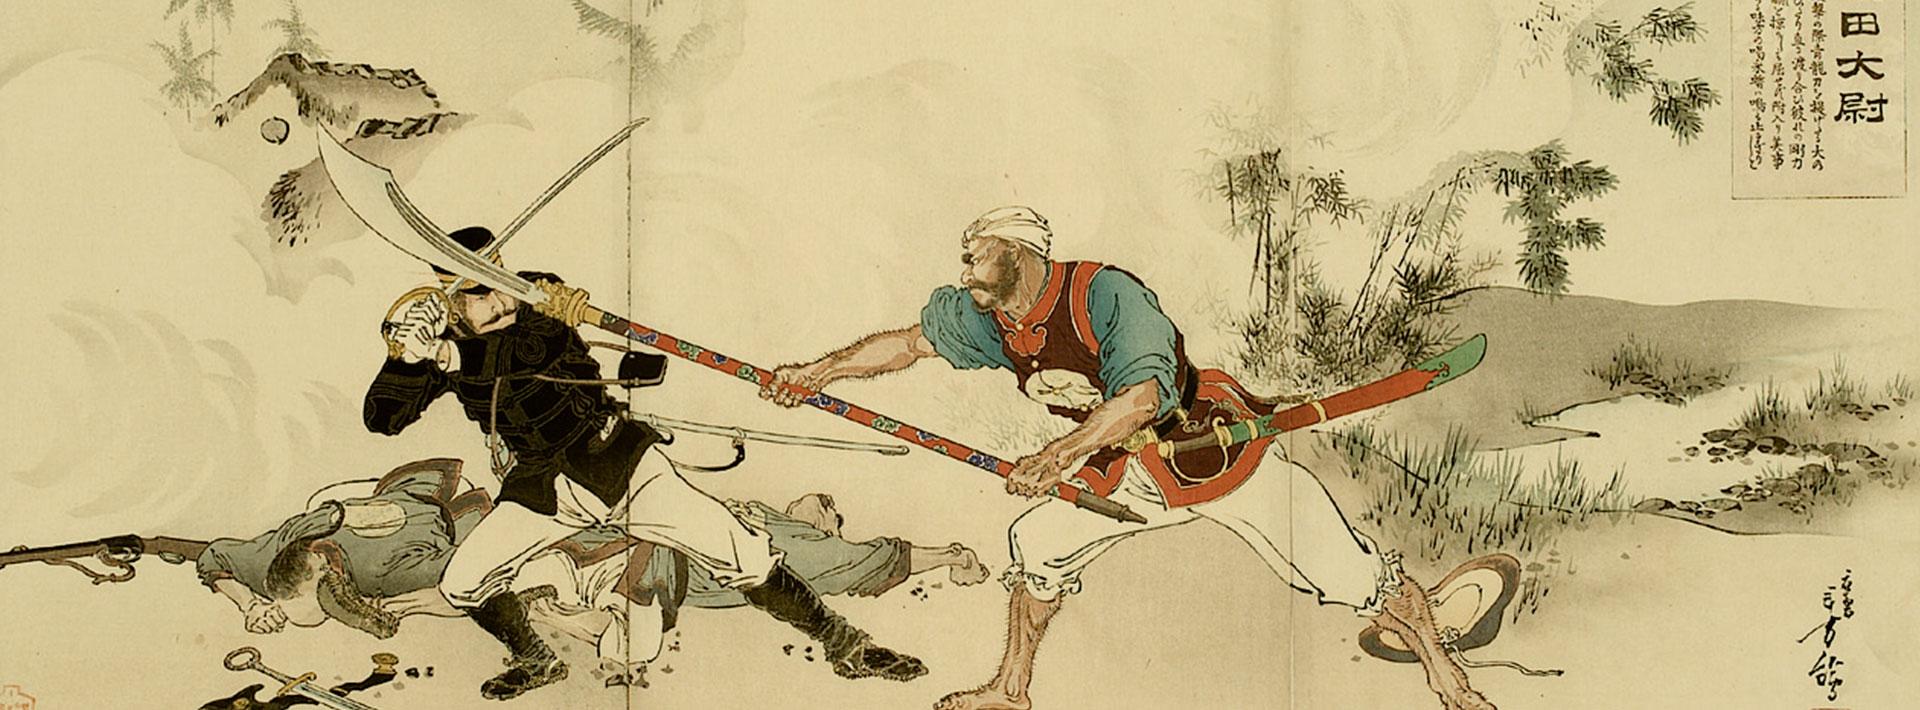 Surgimiento de la filosofía japonesa contemporánea: Hacia la Indagación del bien de Nishida Kitaro*